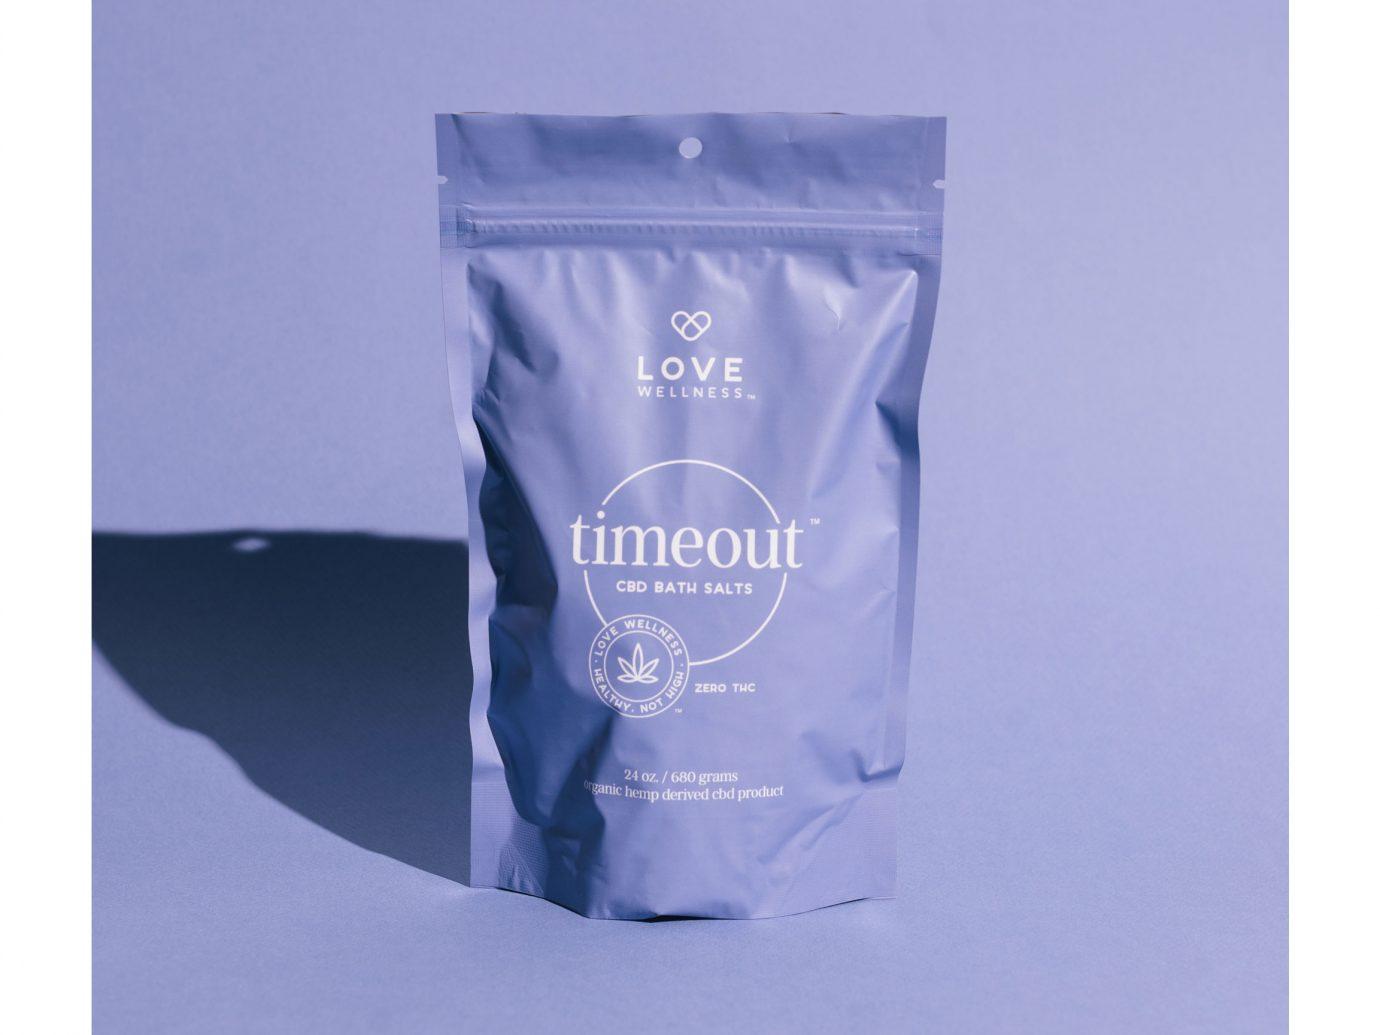 Love Wellness Timeout CBD Bath Salts